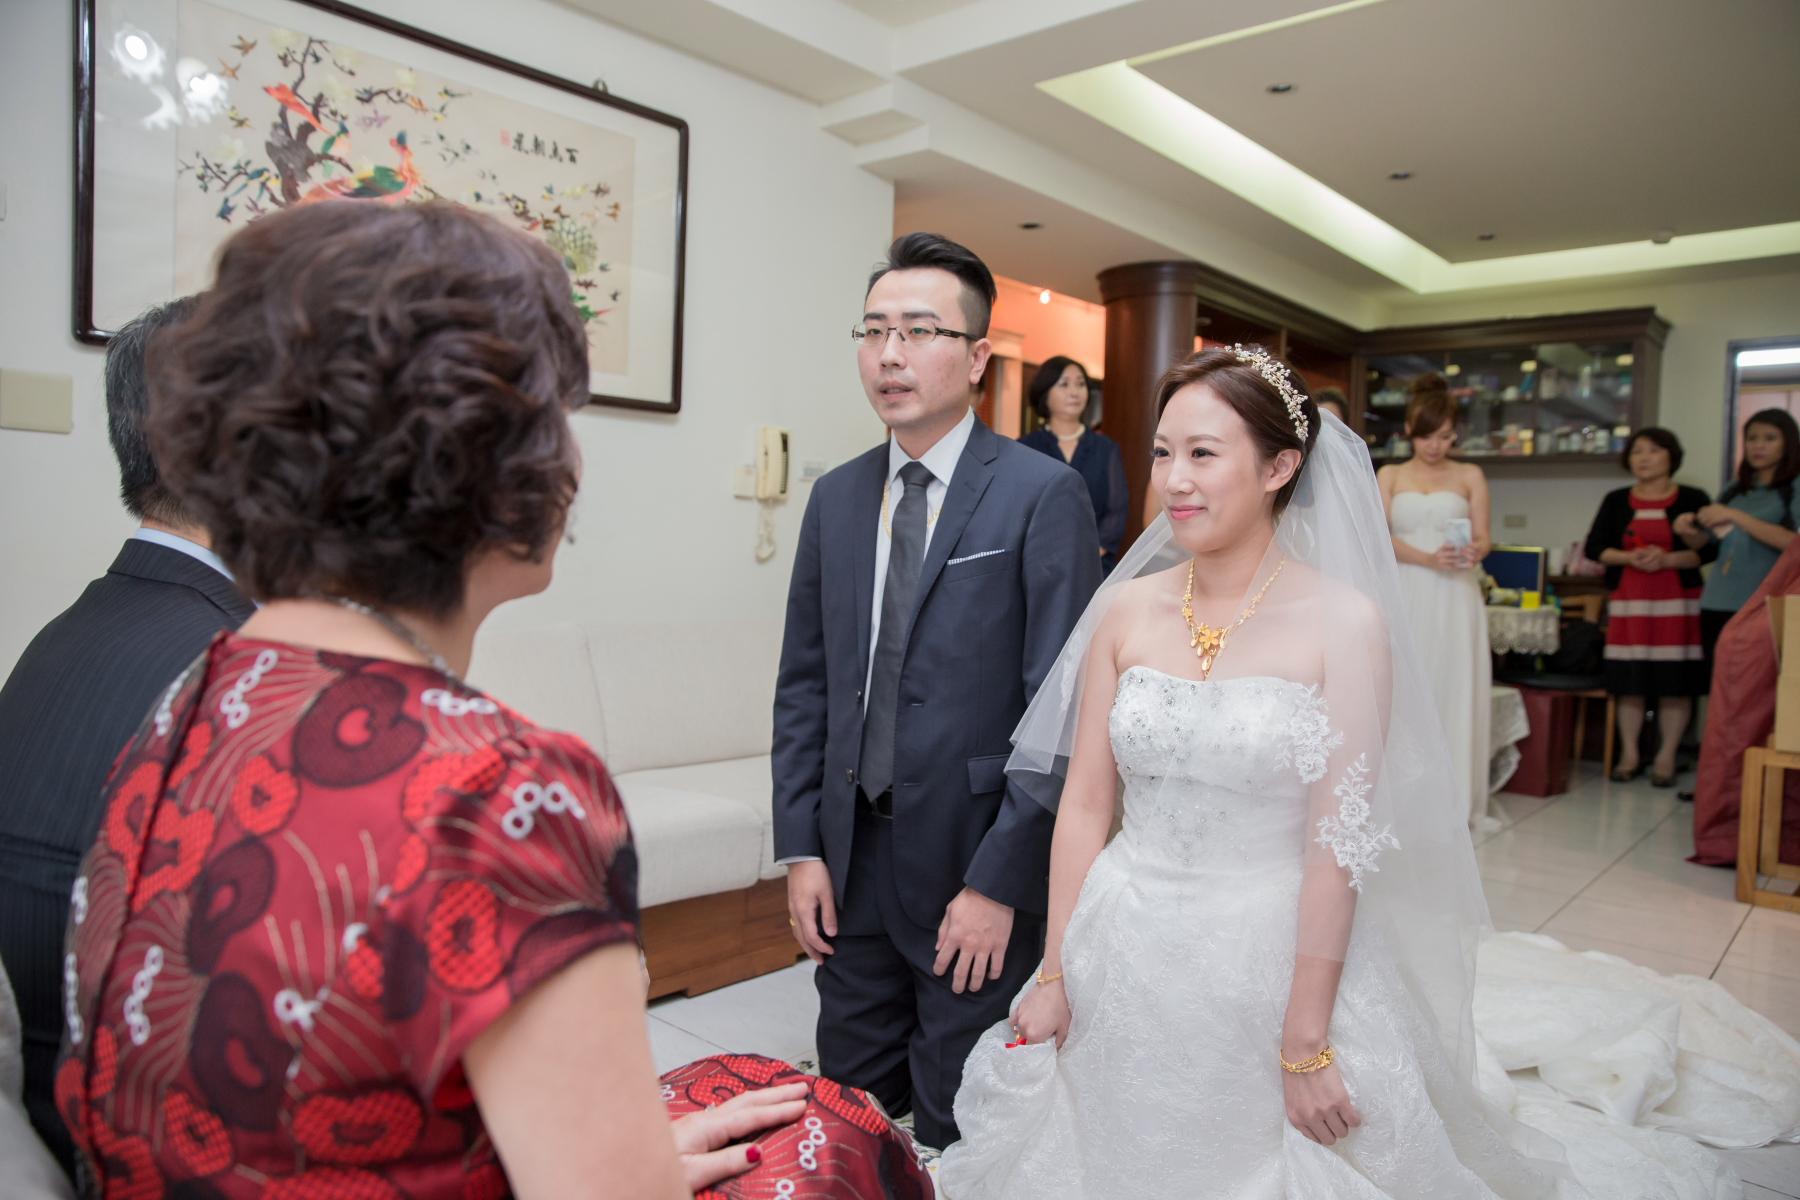 鴻璿鈺婷婚禮334